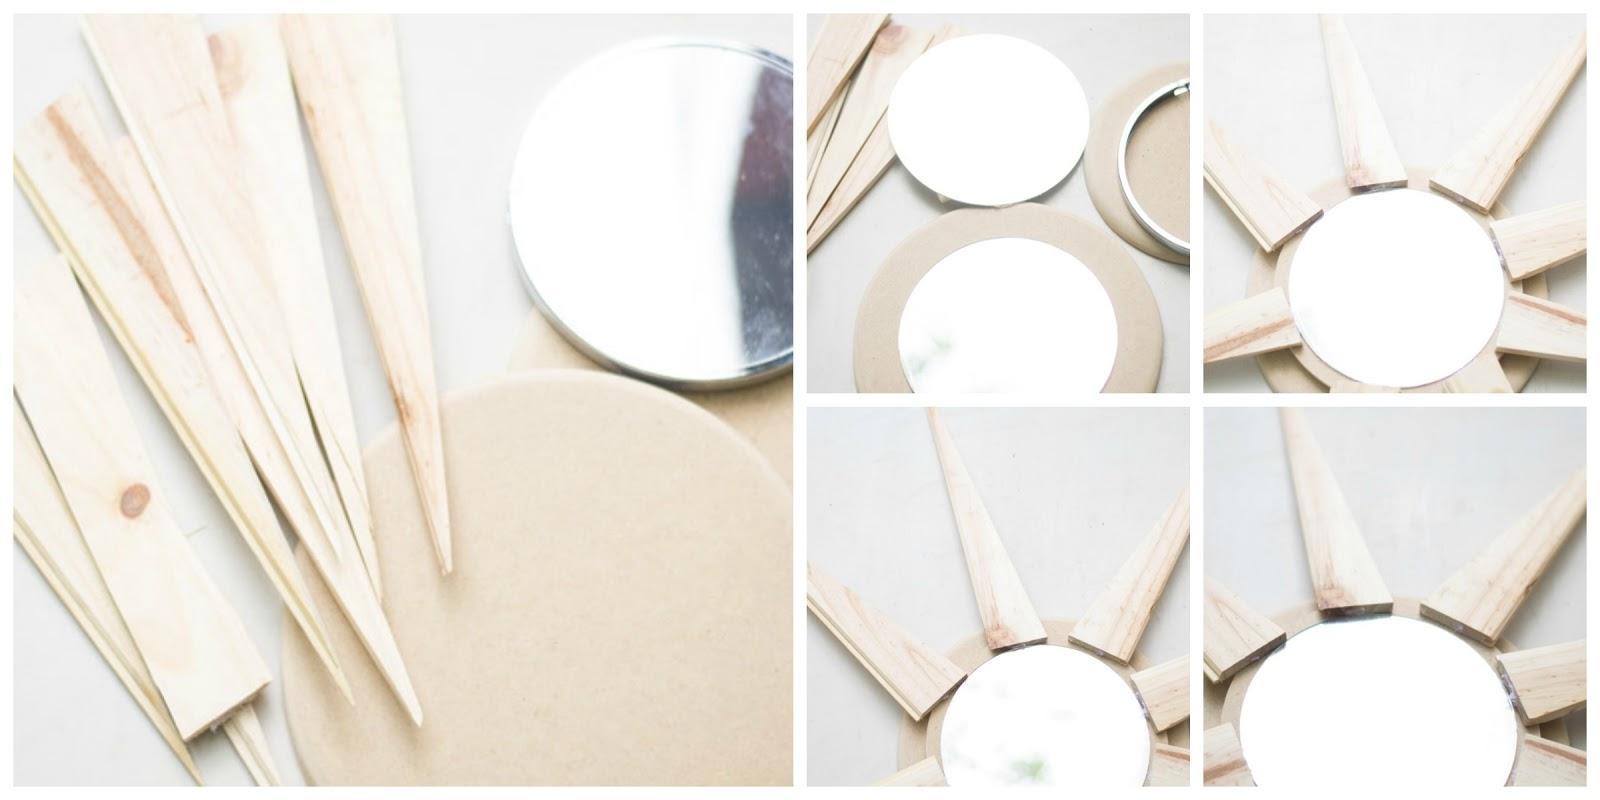 Como Hacer Un Espejo Sol Handbox Craft Lovers Comunidad Diy - Hacer-espejos